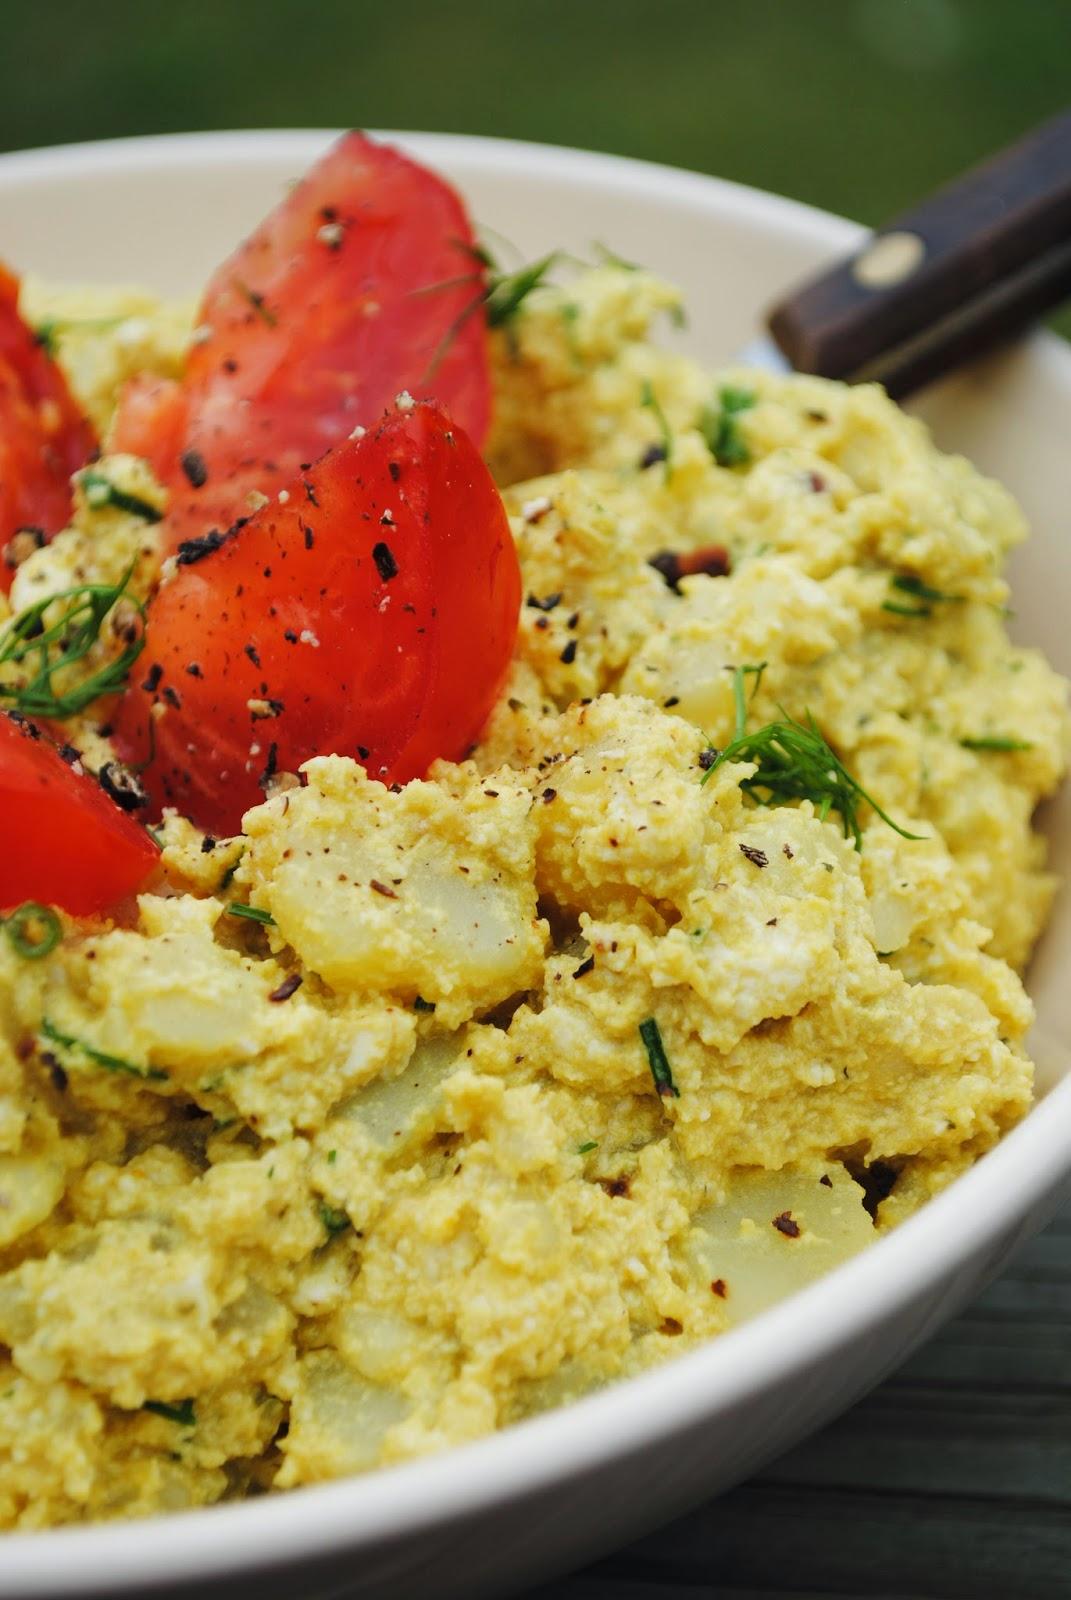 Creamy potato and tofu salad |VeganSandra - tasty, cheap and easy ...